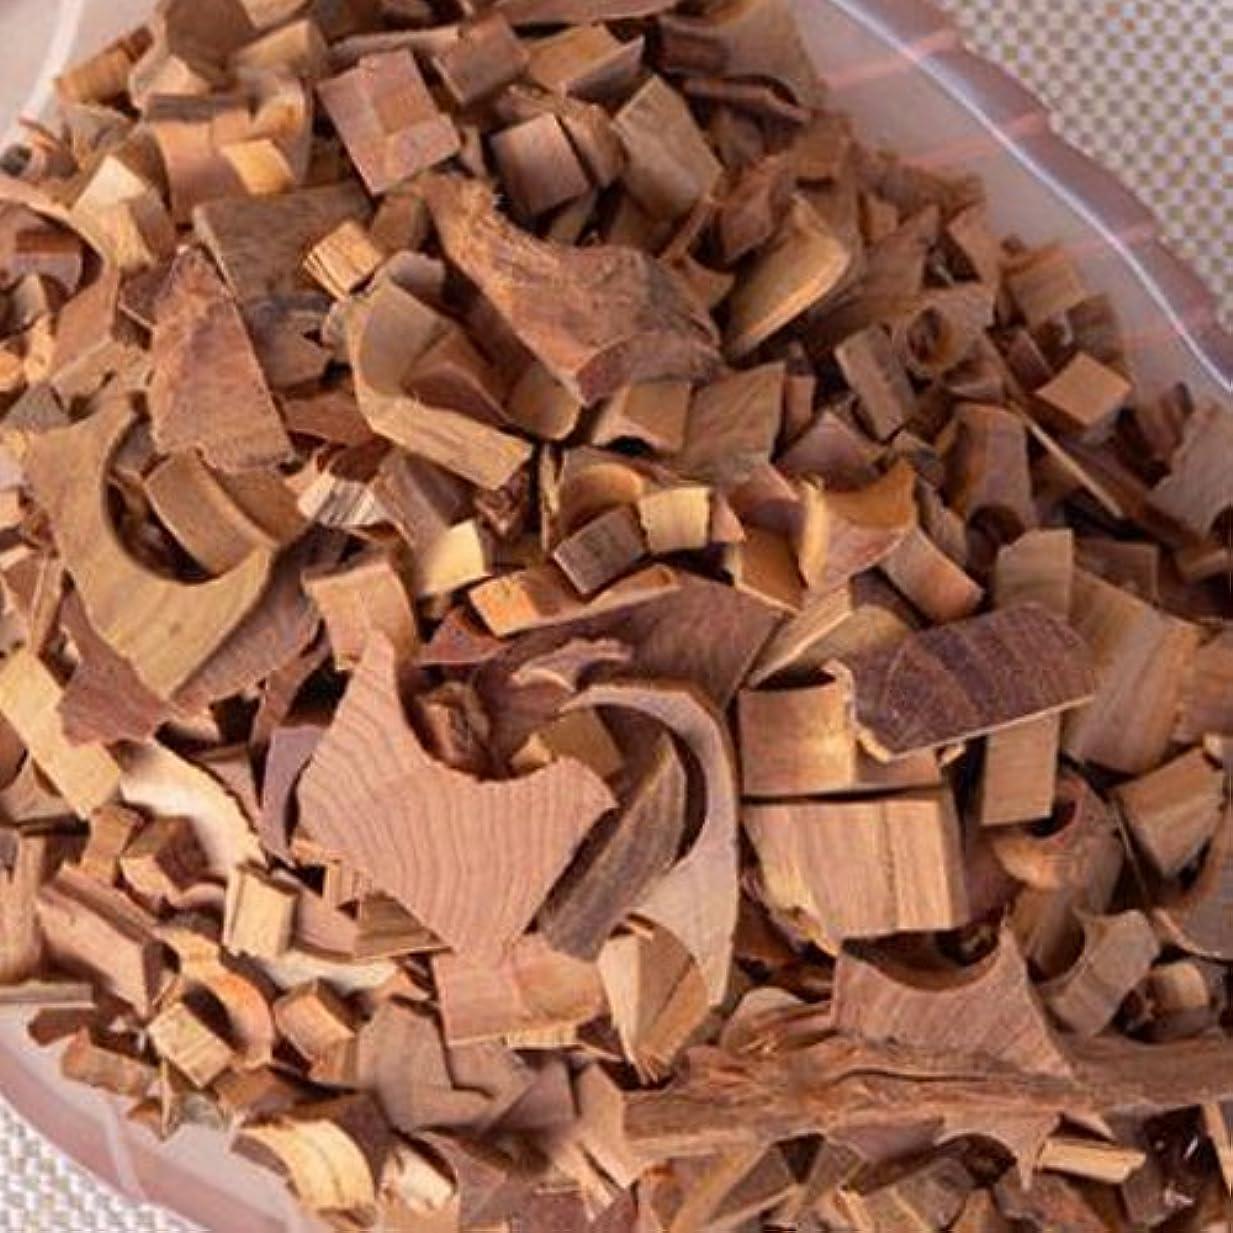 観察チャンバー同化Natural India Mysore Laoshan Sandalwood Chips aromatic Sandal Wood Chips Scent Rich For Aromatherapy Aroma Rich Resin Content